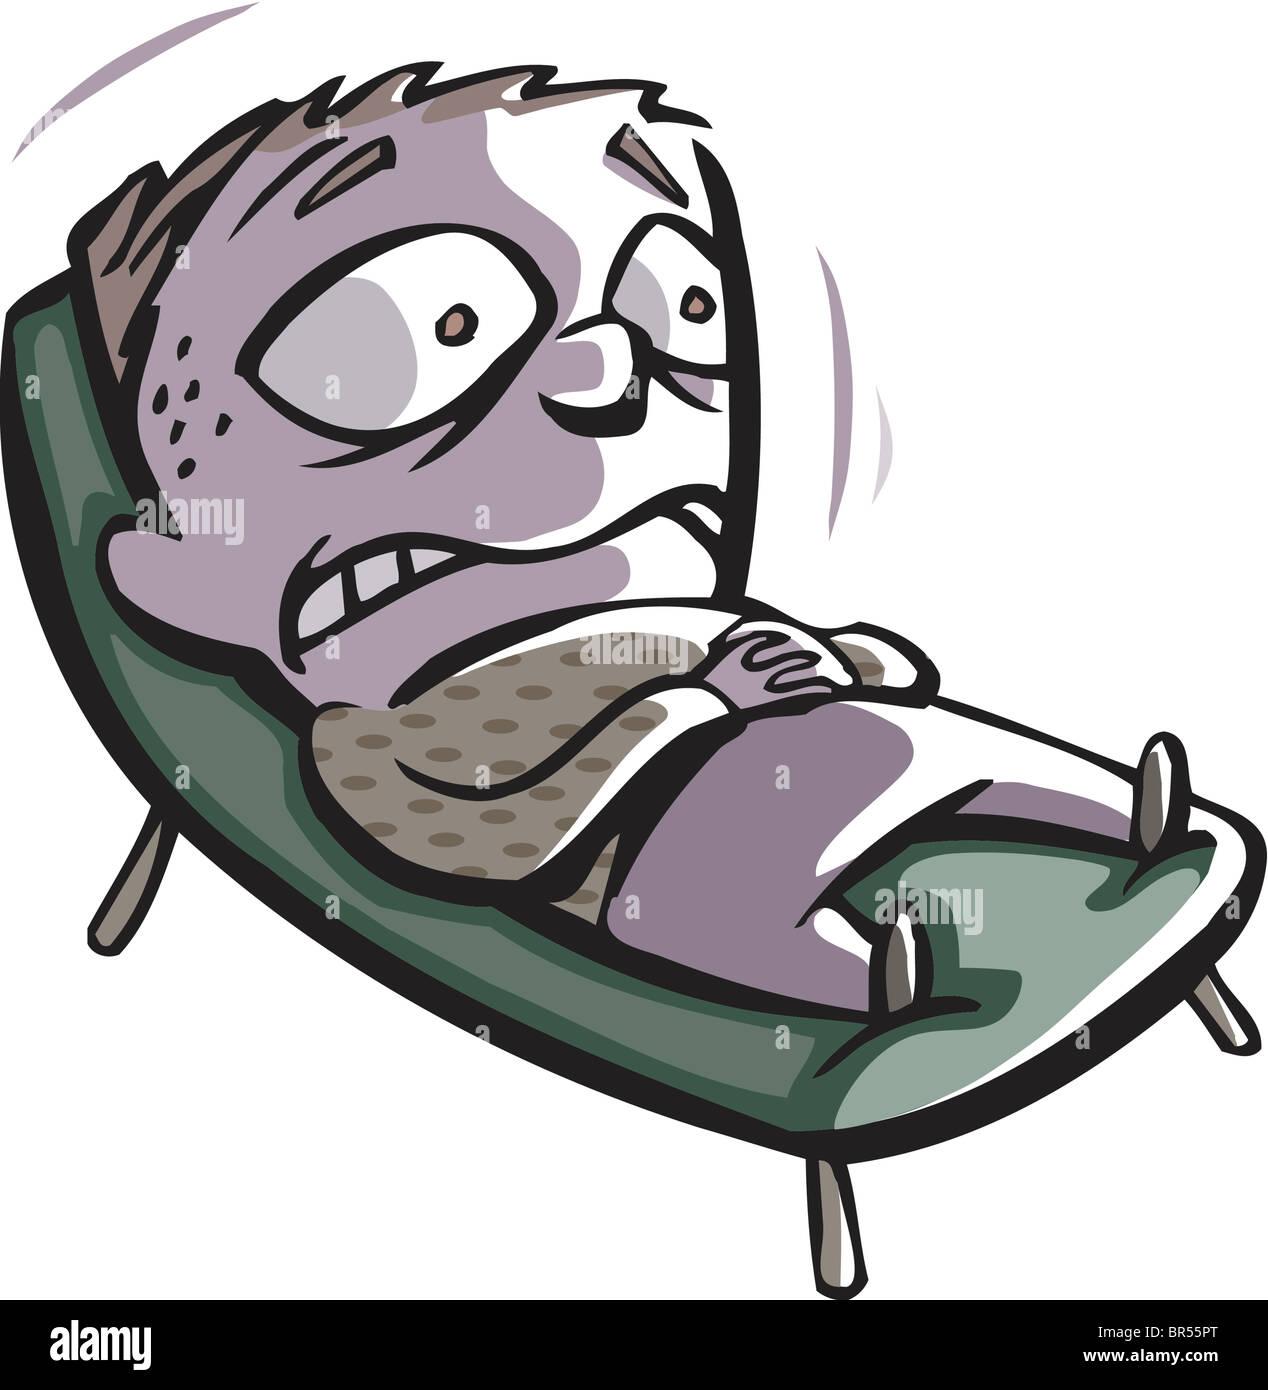 Mann im liegestuhl clipart  Eine verängstigte Mann auf einem Liegestuhl liegend Stockfoto, Bild ...